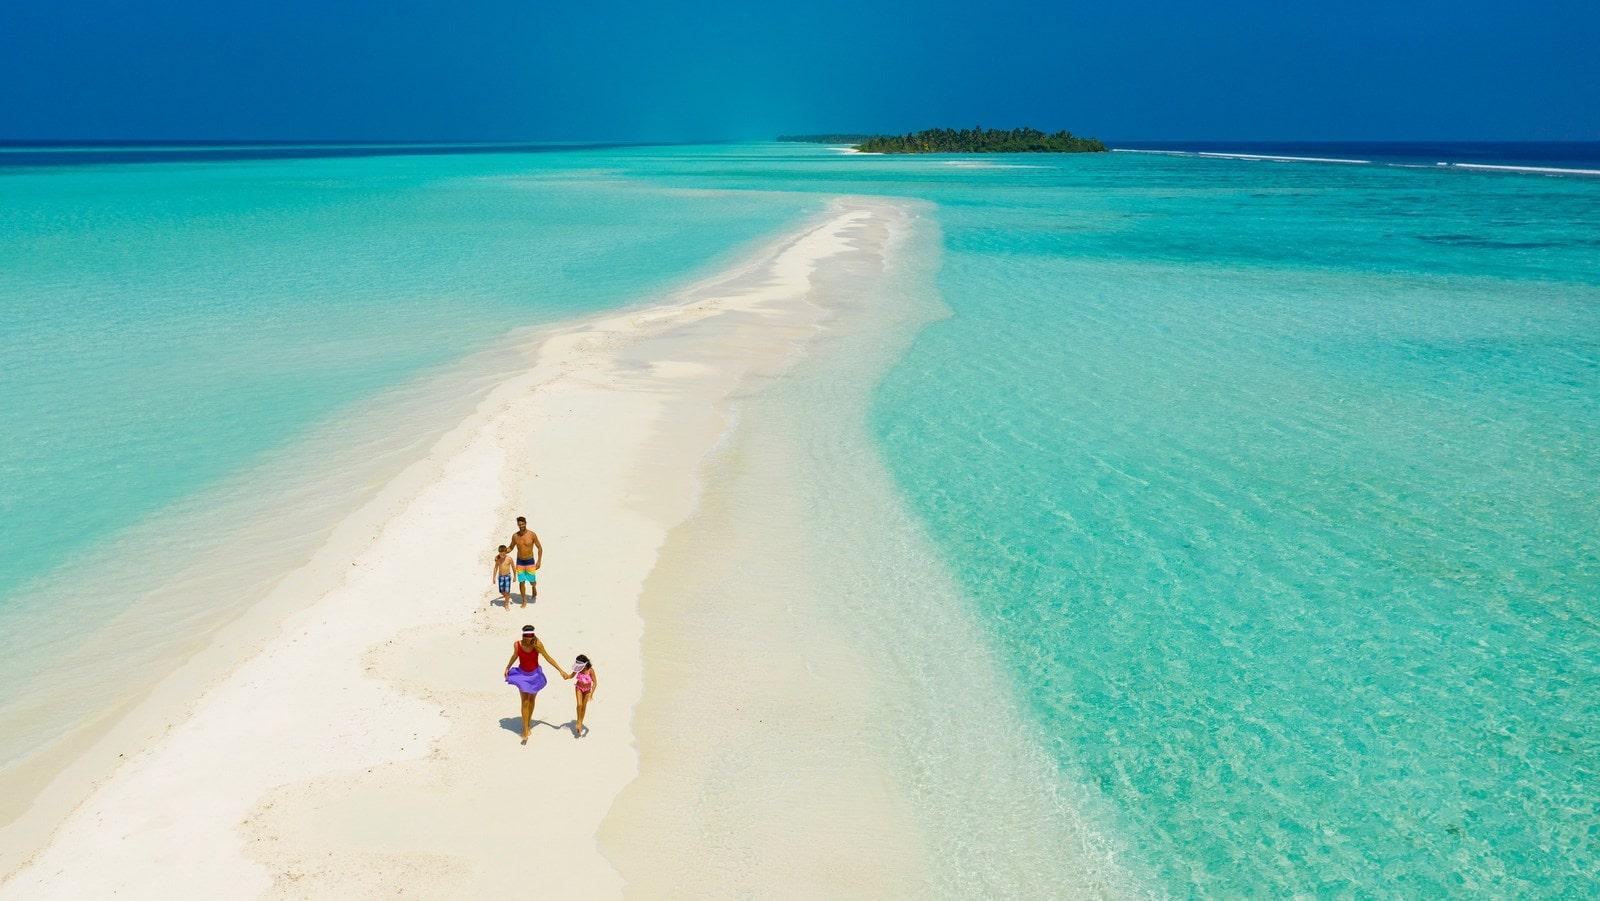 Мальдивы, отель Kandima Maldives, песчаная коса